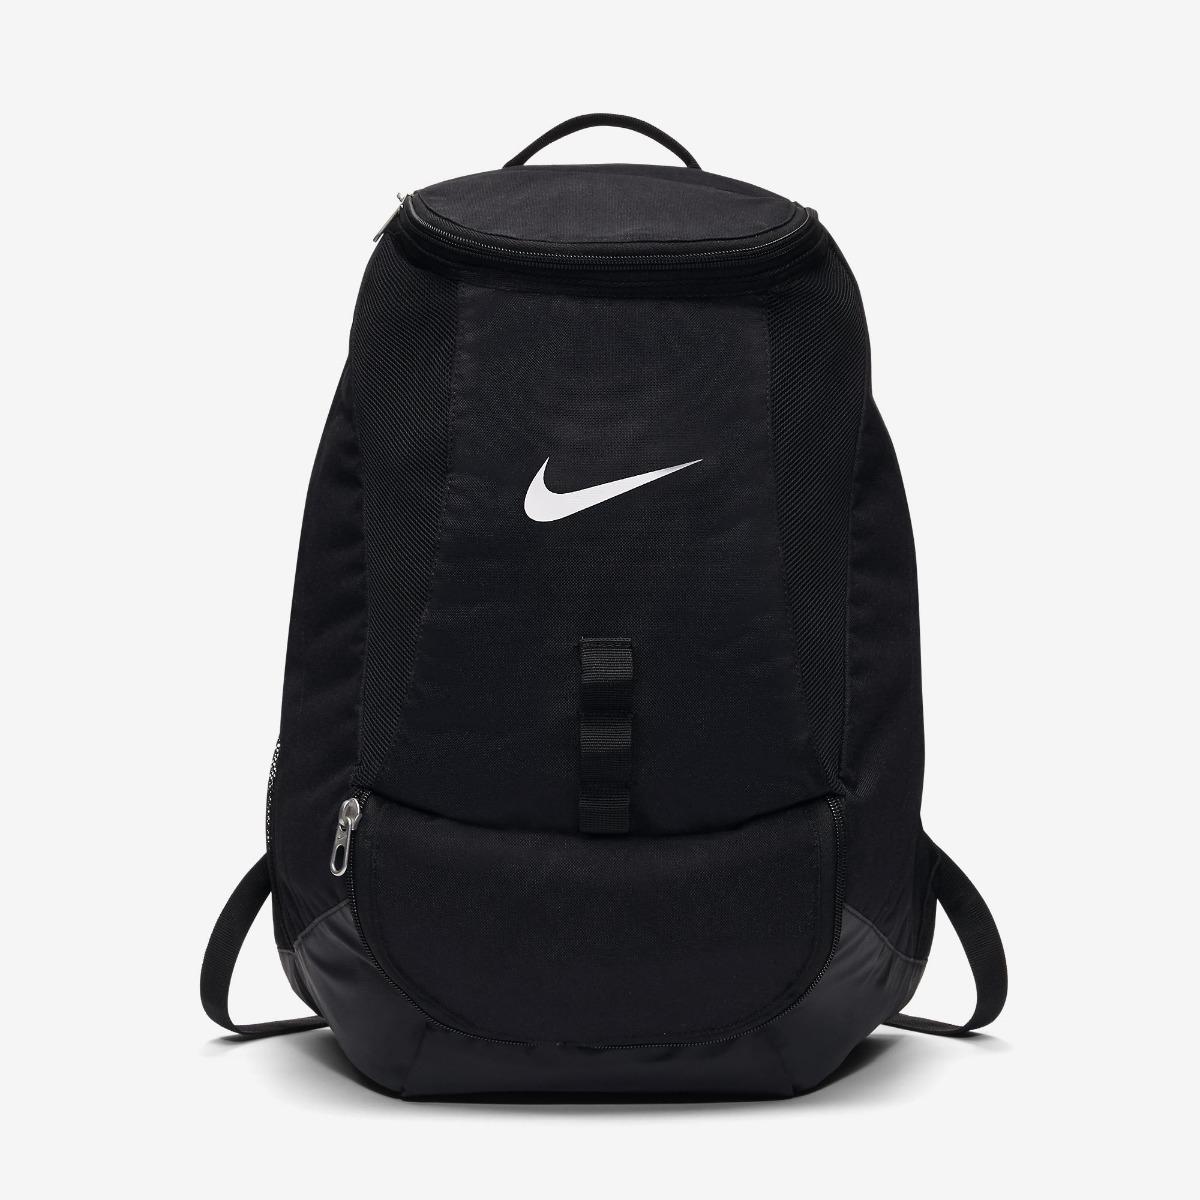 Team Preta Club Futebol Swoosh Nike Backpack Mochila wymN0Ov8n